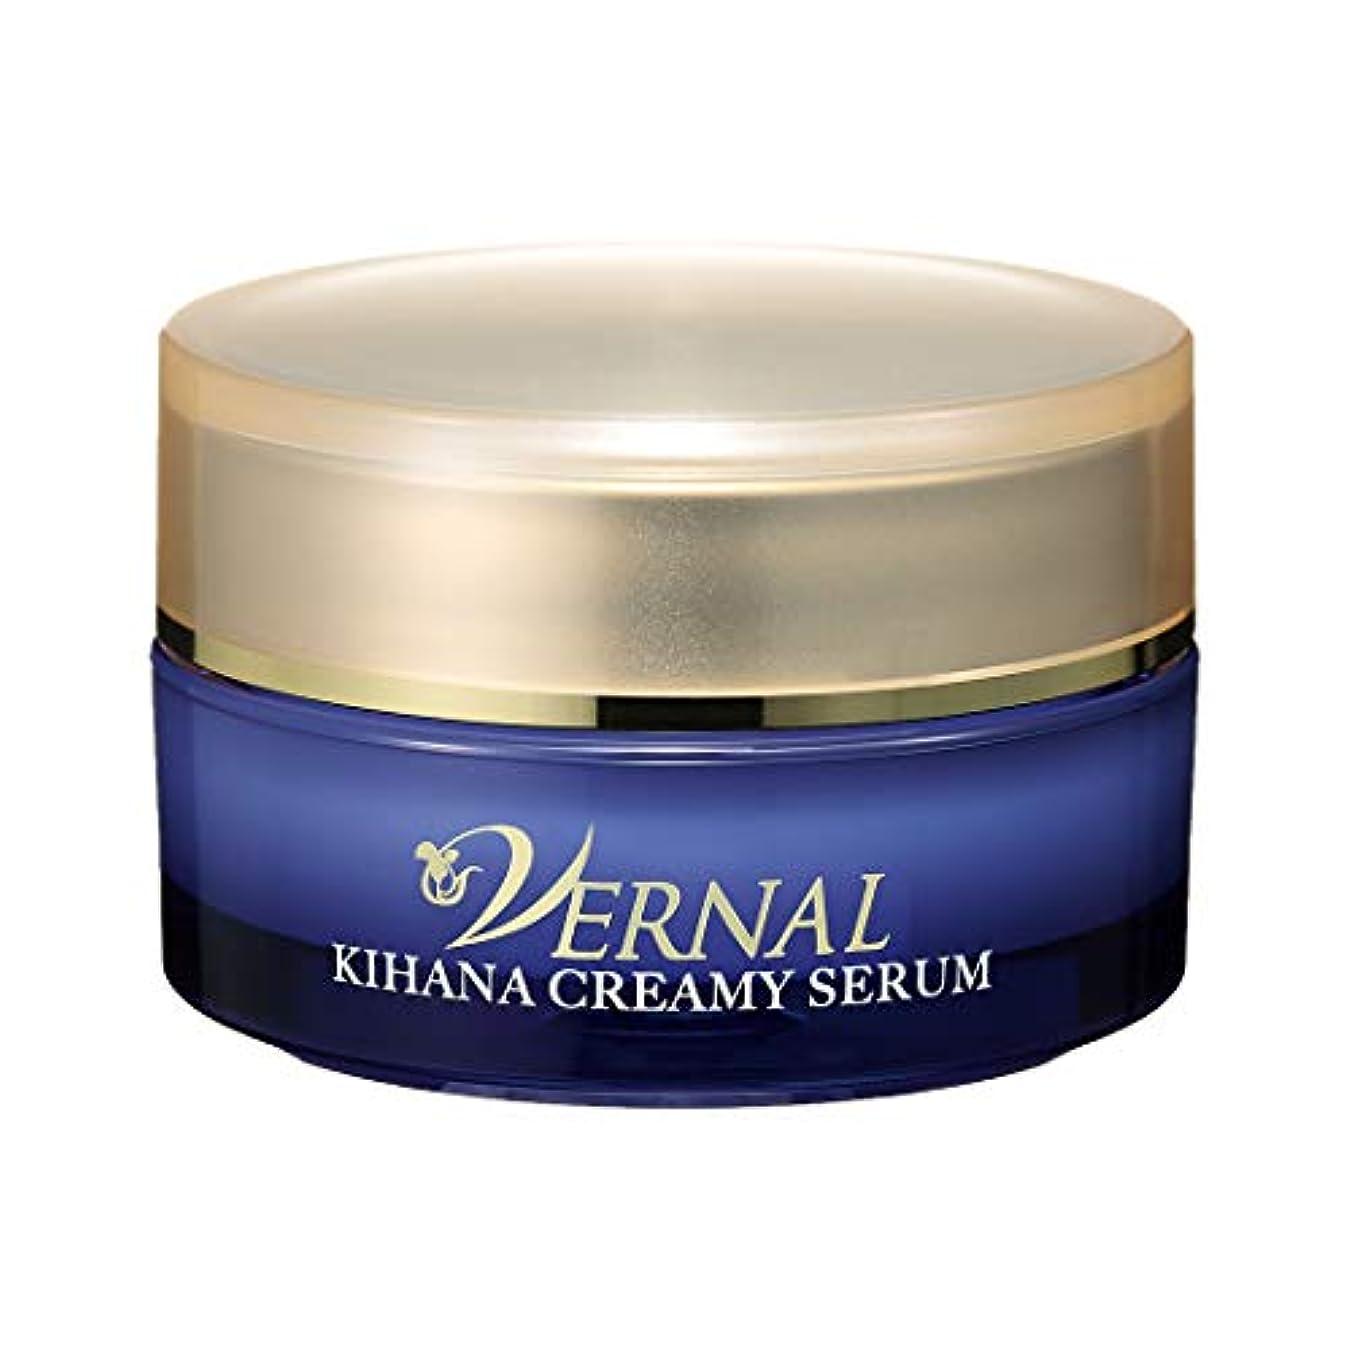 破滅的な主に表向きキハナクリーミーセラム 30g/ヴァーナル 美容液 美容クリーム